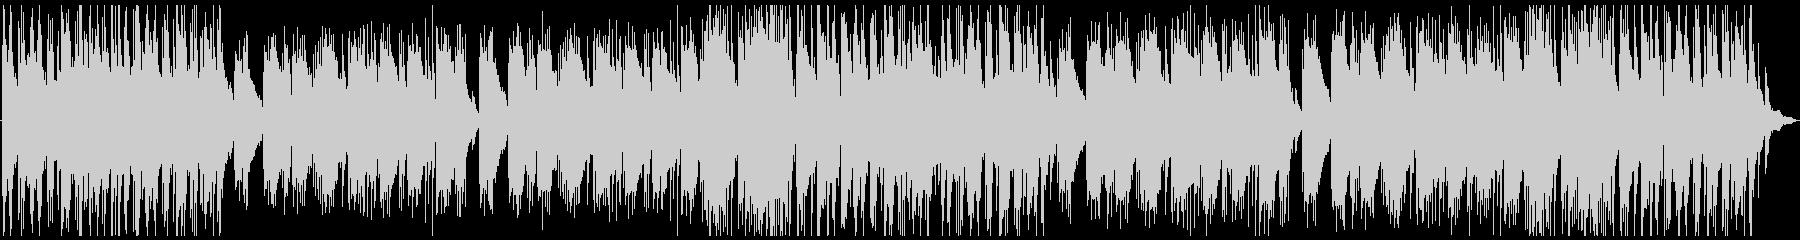 落ち着いた浮遊感のあるピアノBGMの未再生の波形